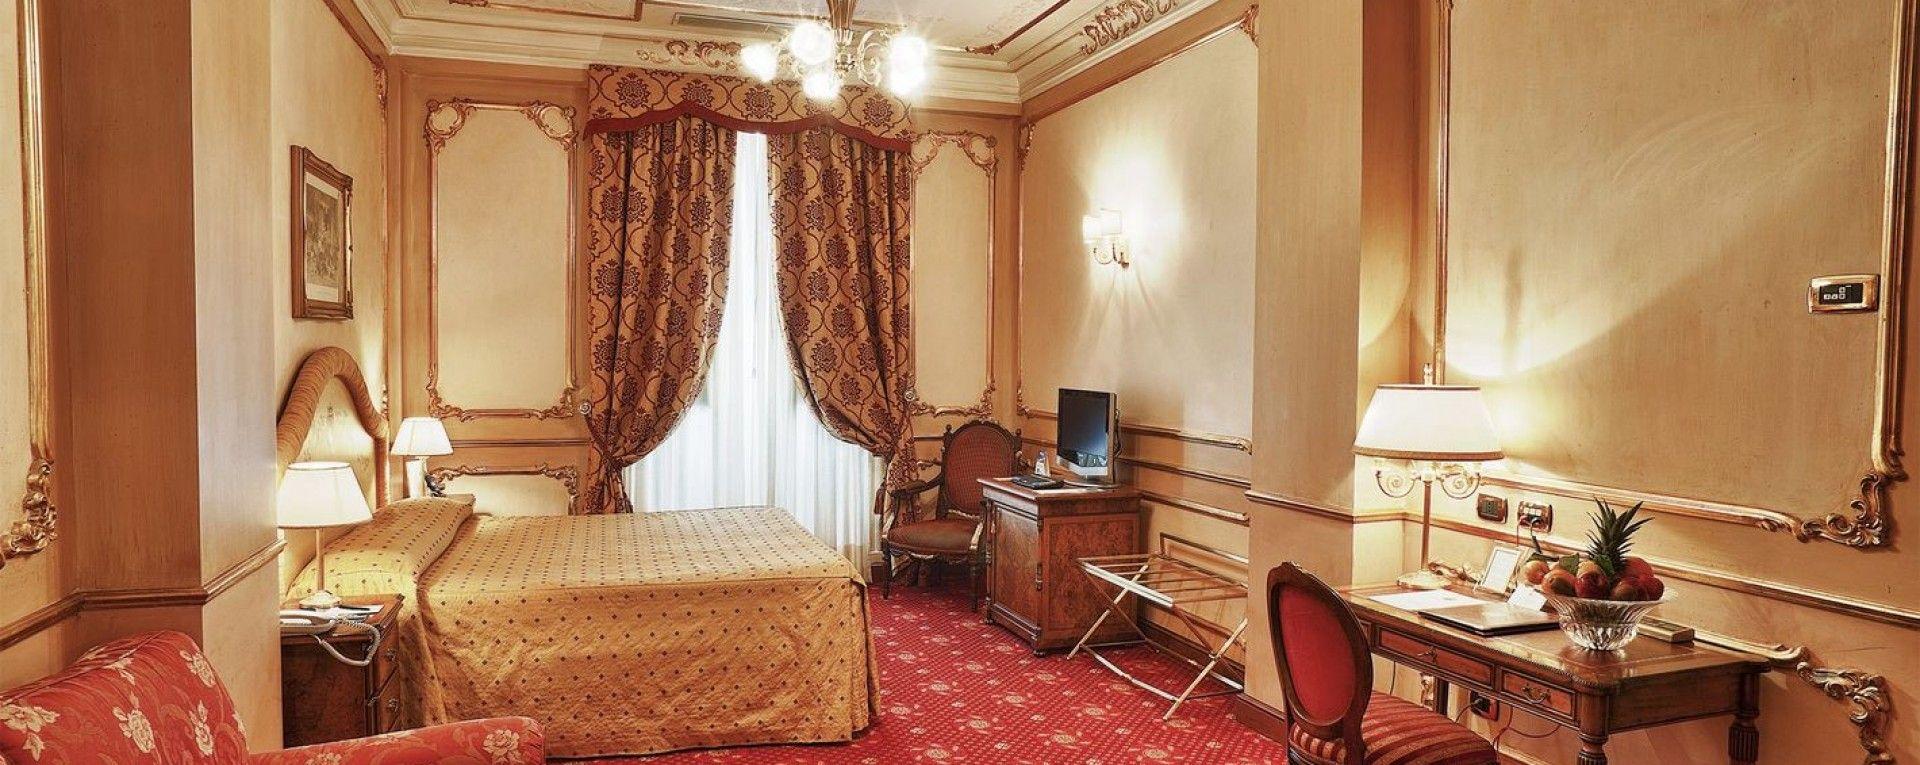 Hotel Opera Palermo Via Principe Di Belmonte